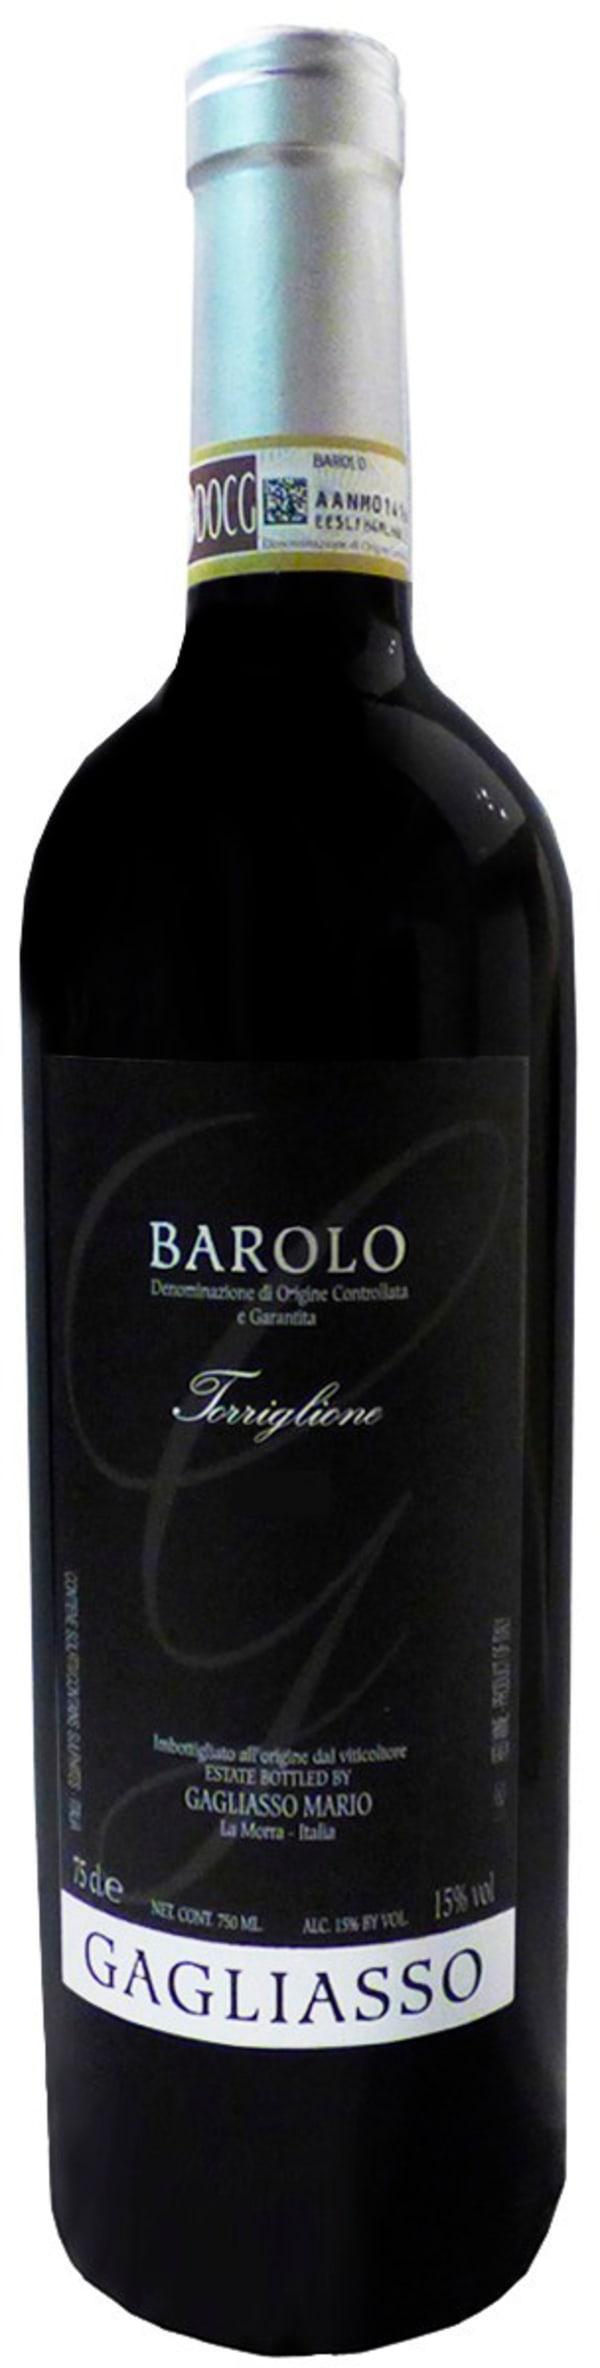 Gagliasso Barolo Torriglione 2013